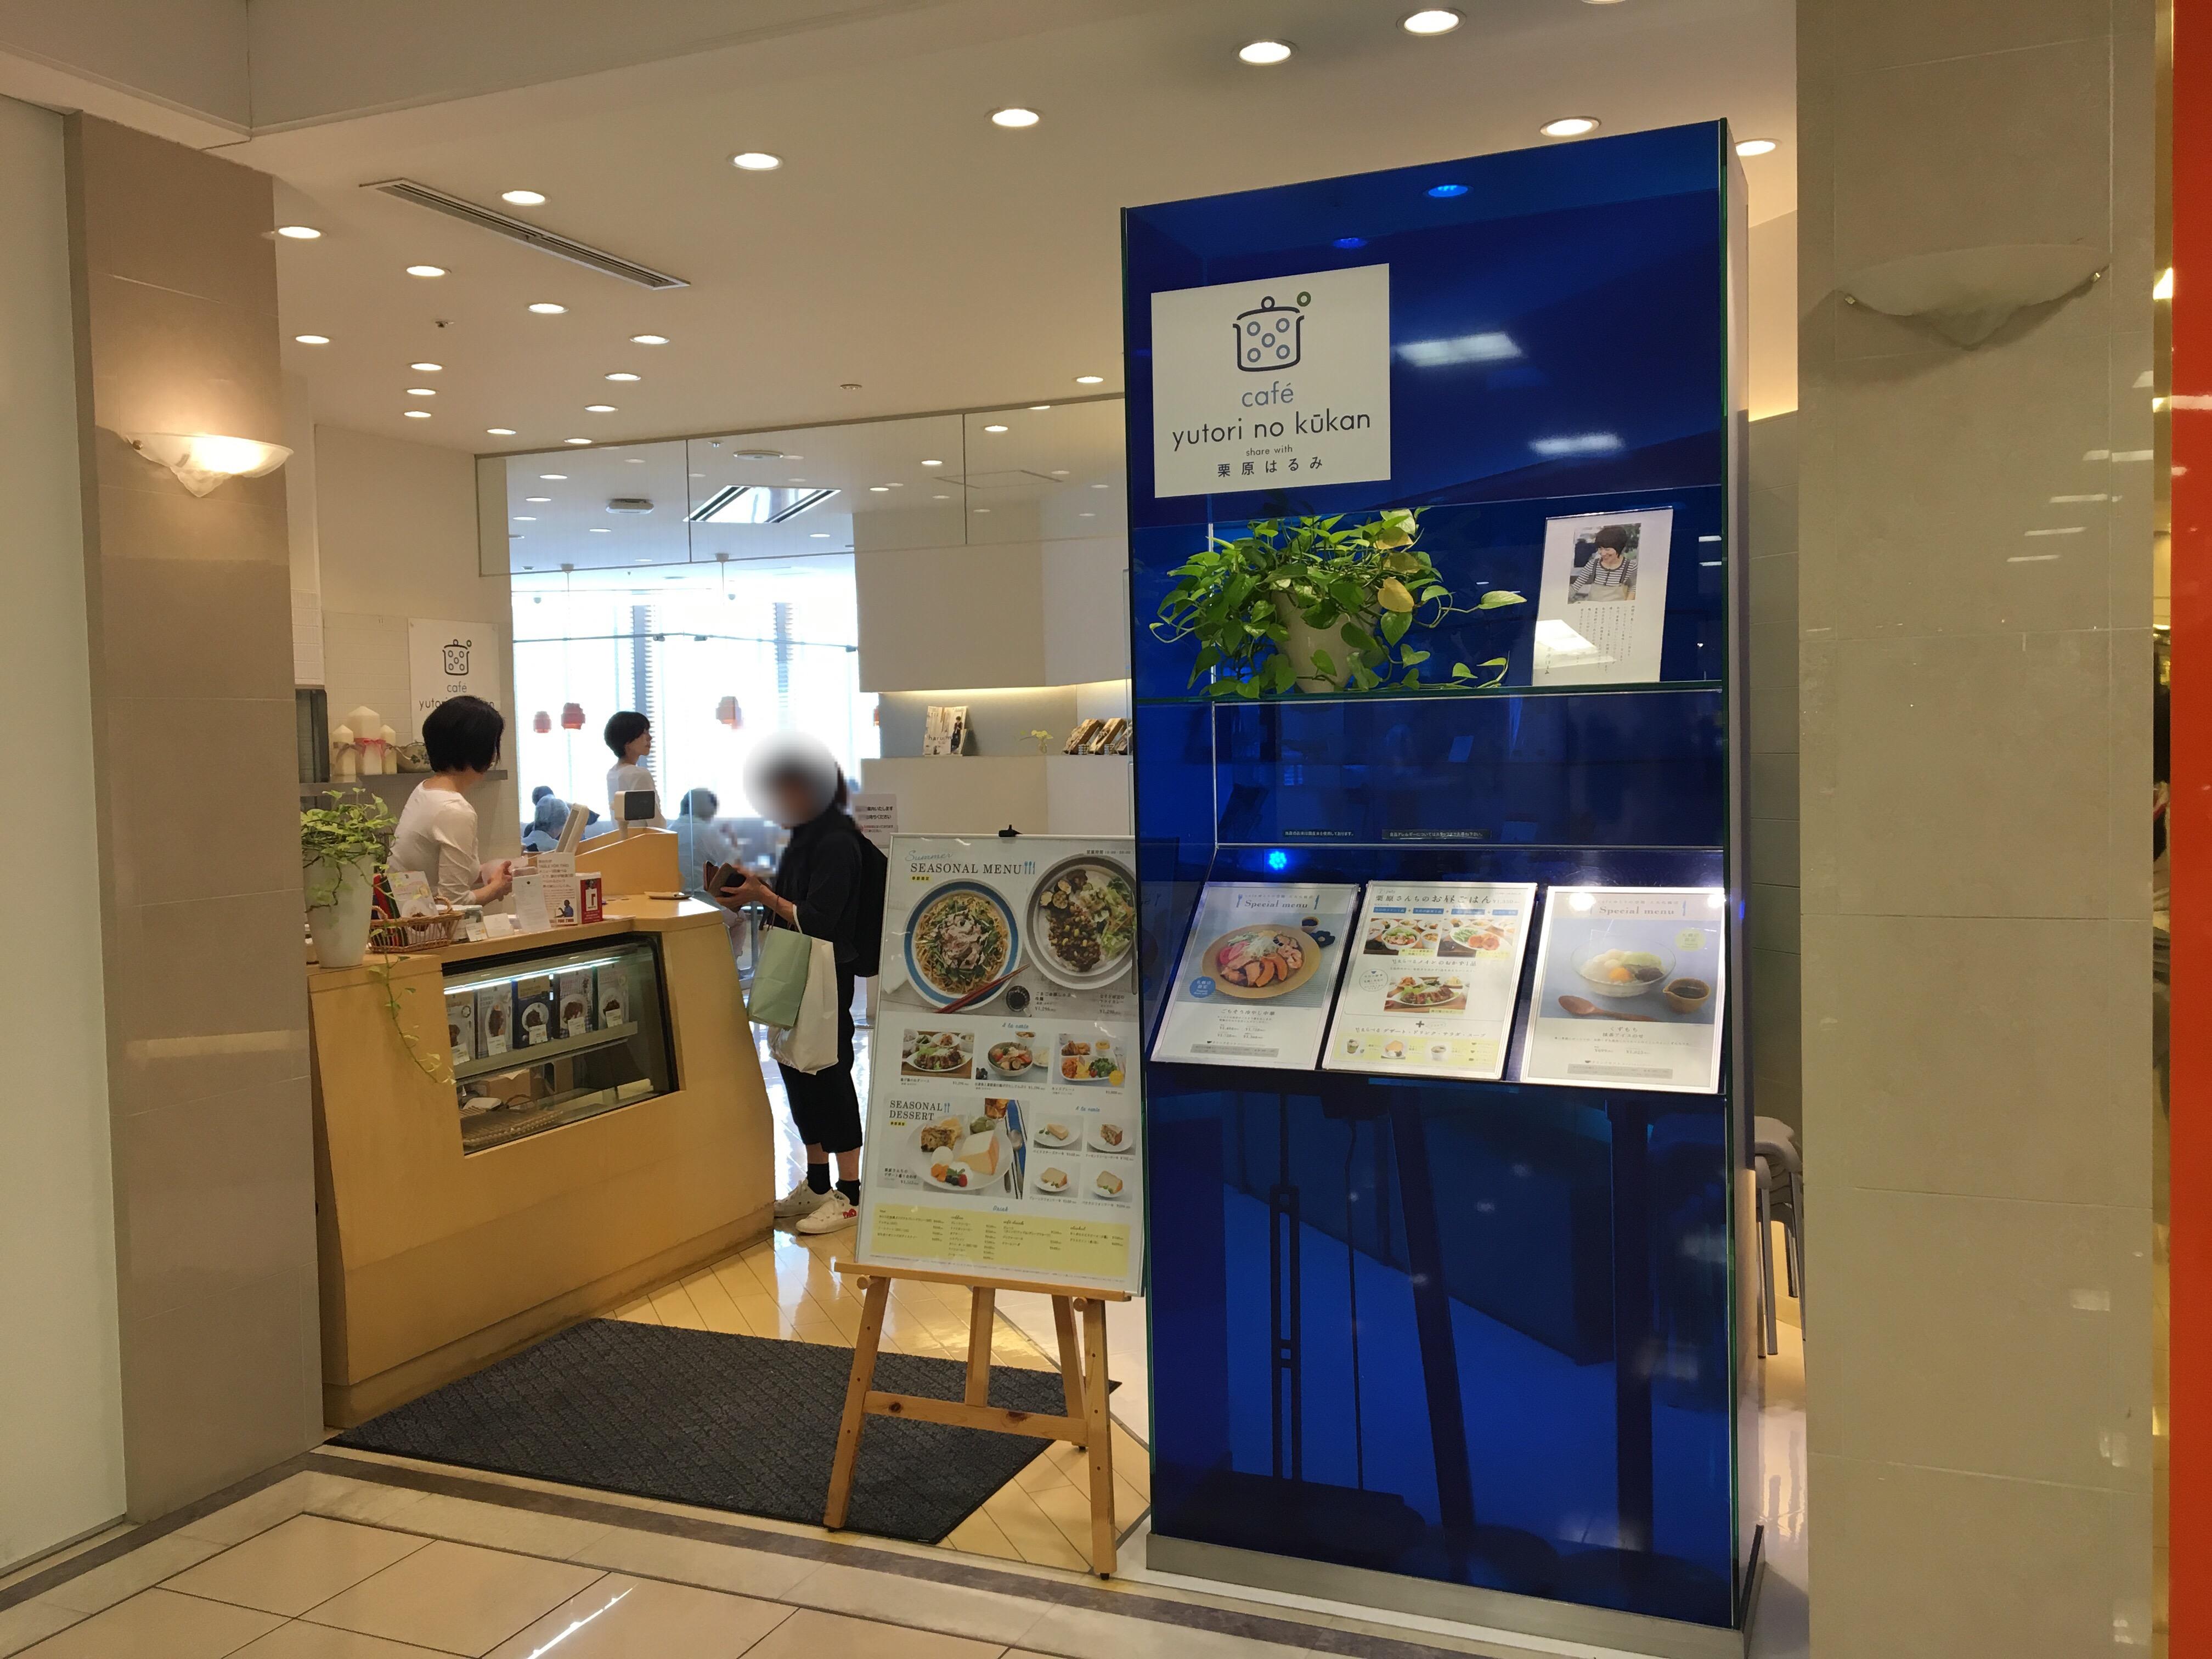 カフェ ゆとりの空間 大丸札幌店の外観